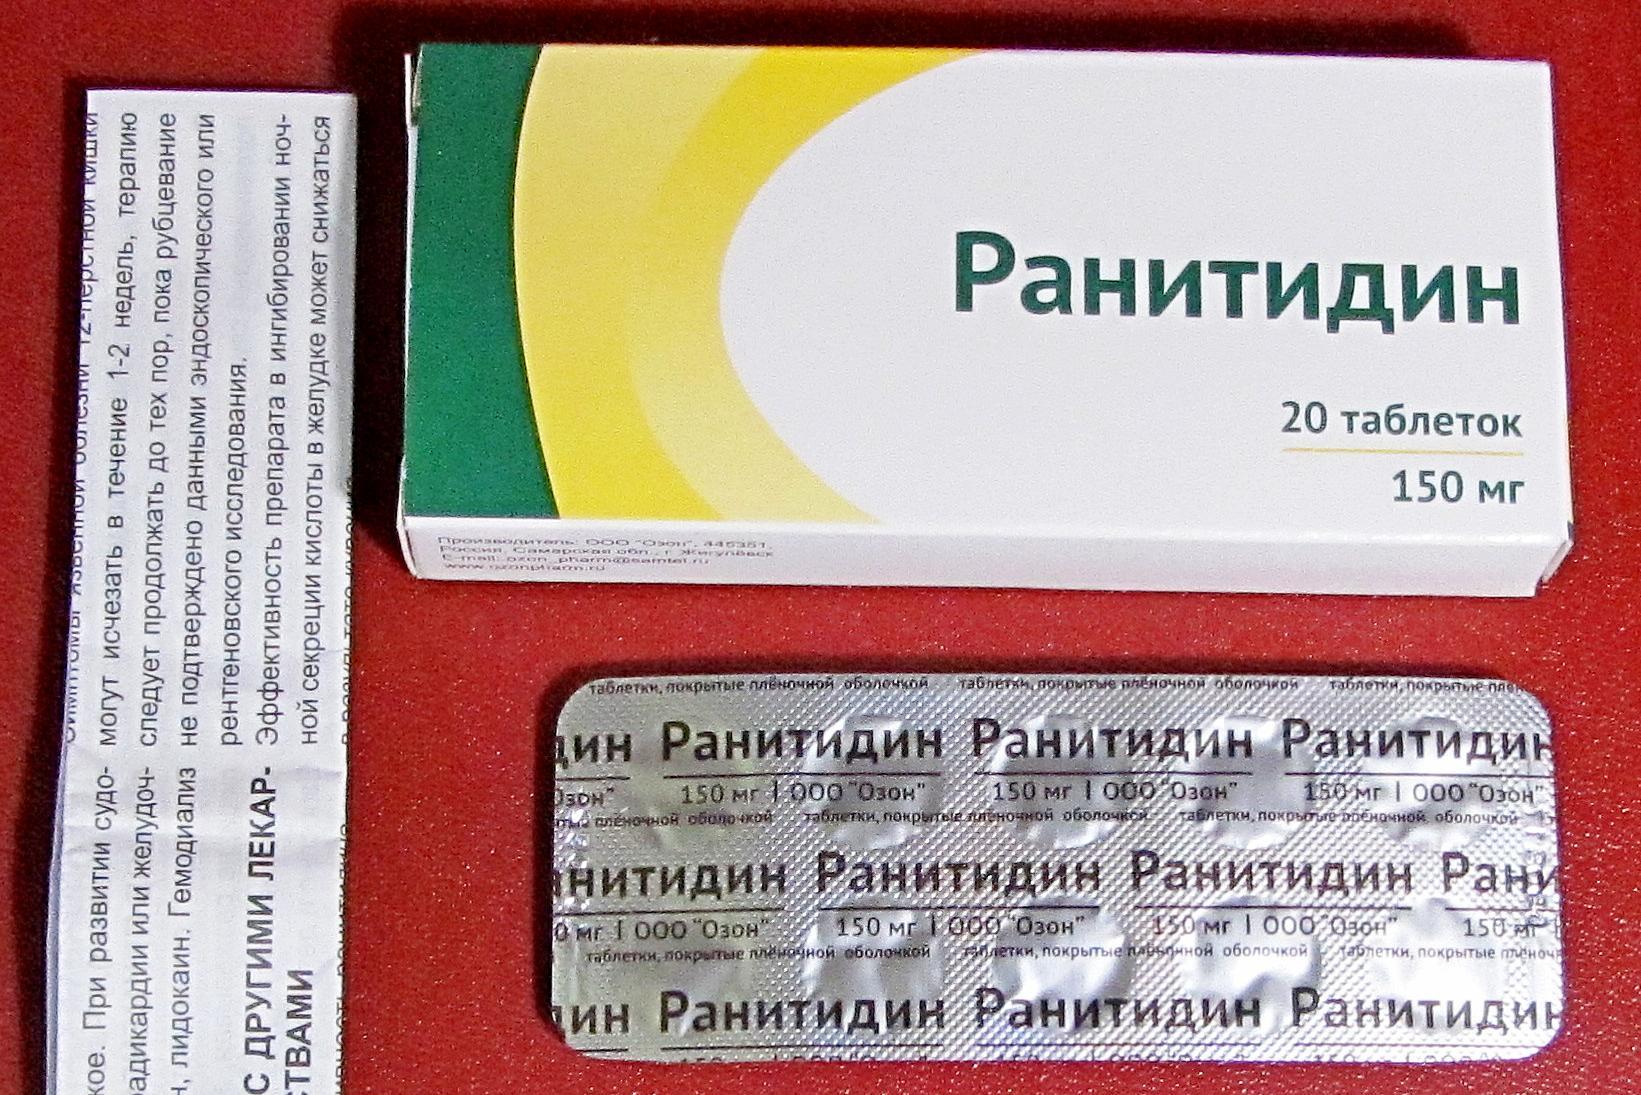 Препарат от язвы желудка Ранитидин попал в «черный список»